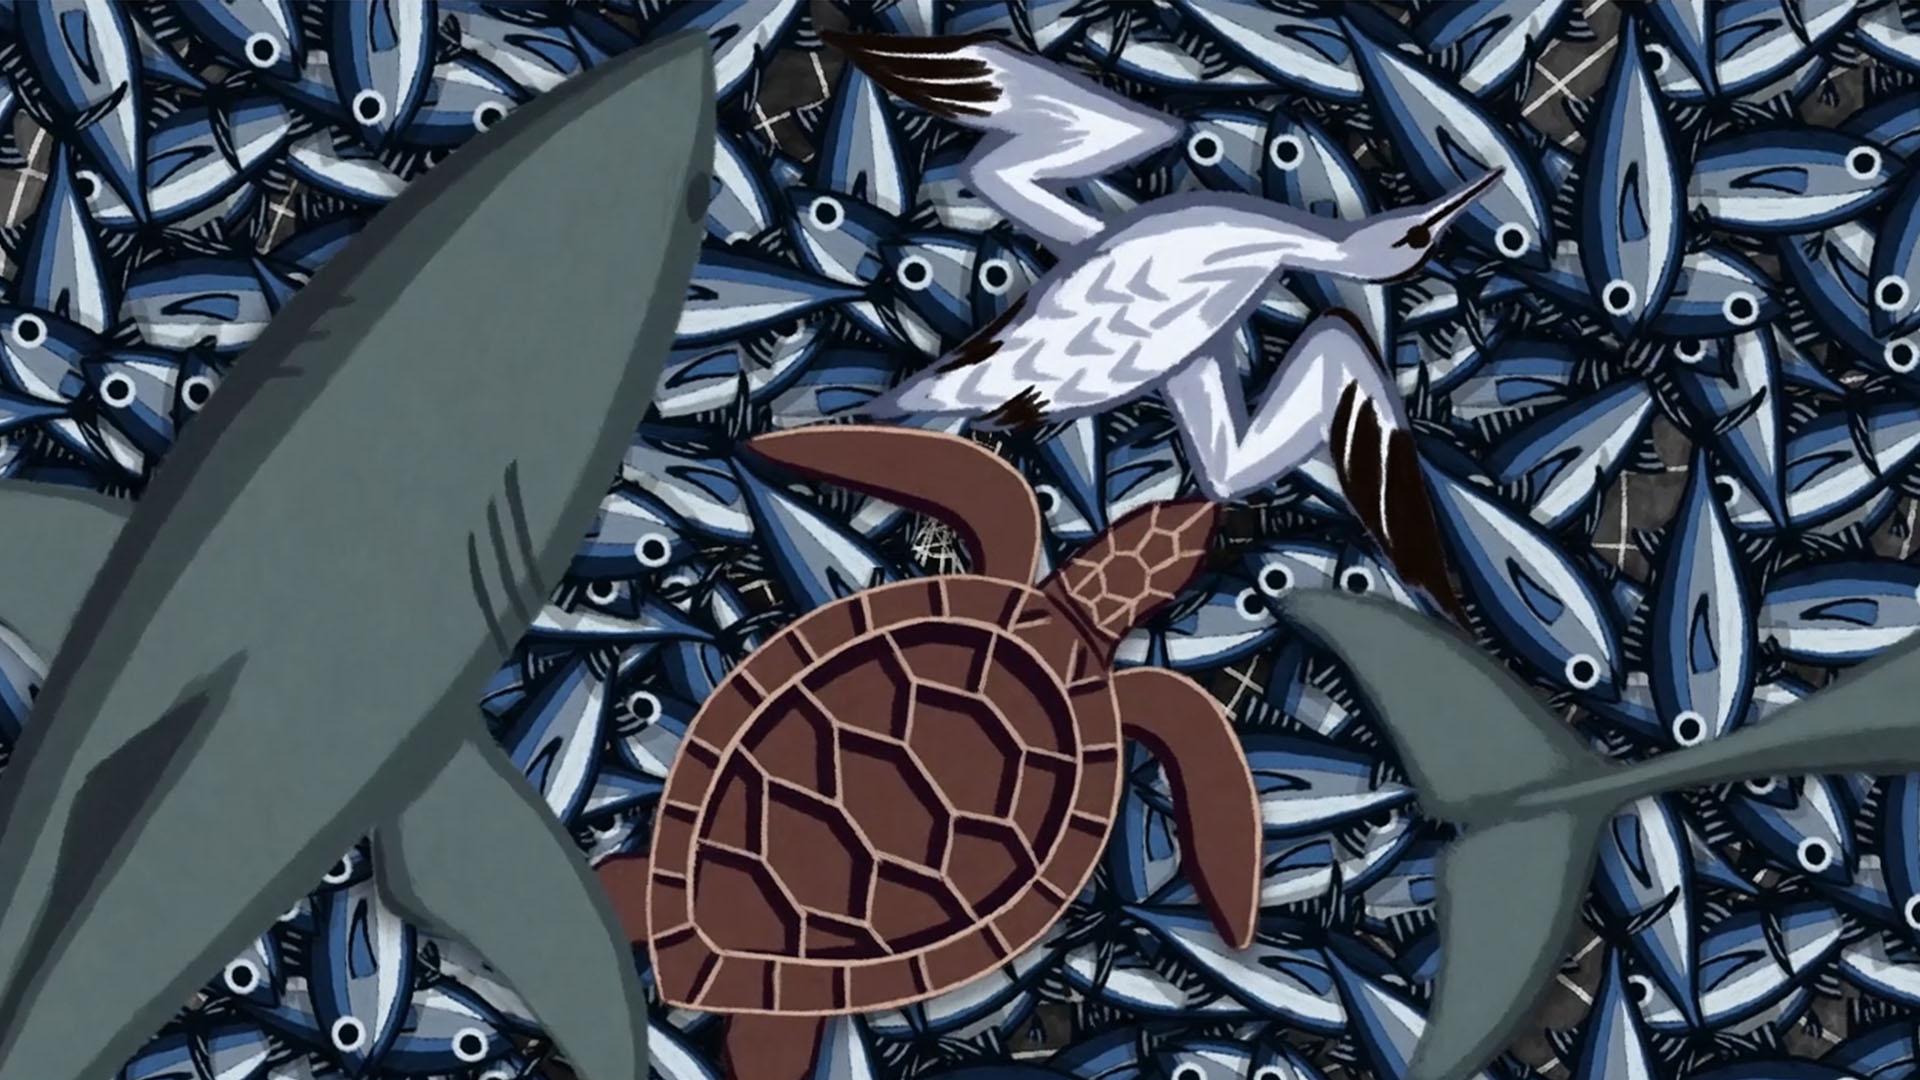 Bycatch in net